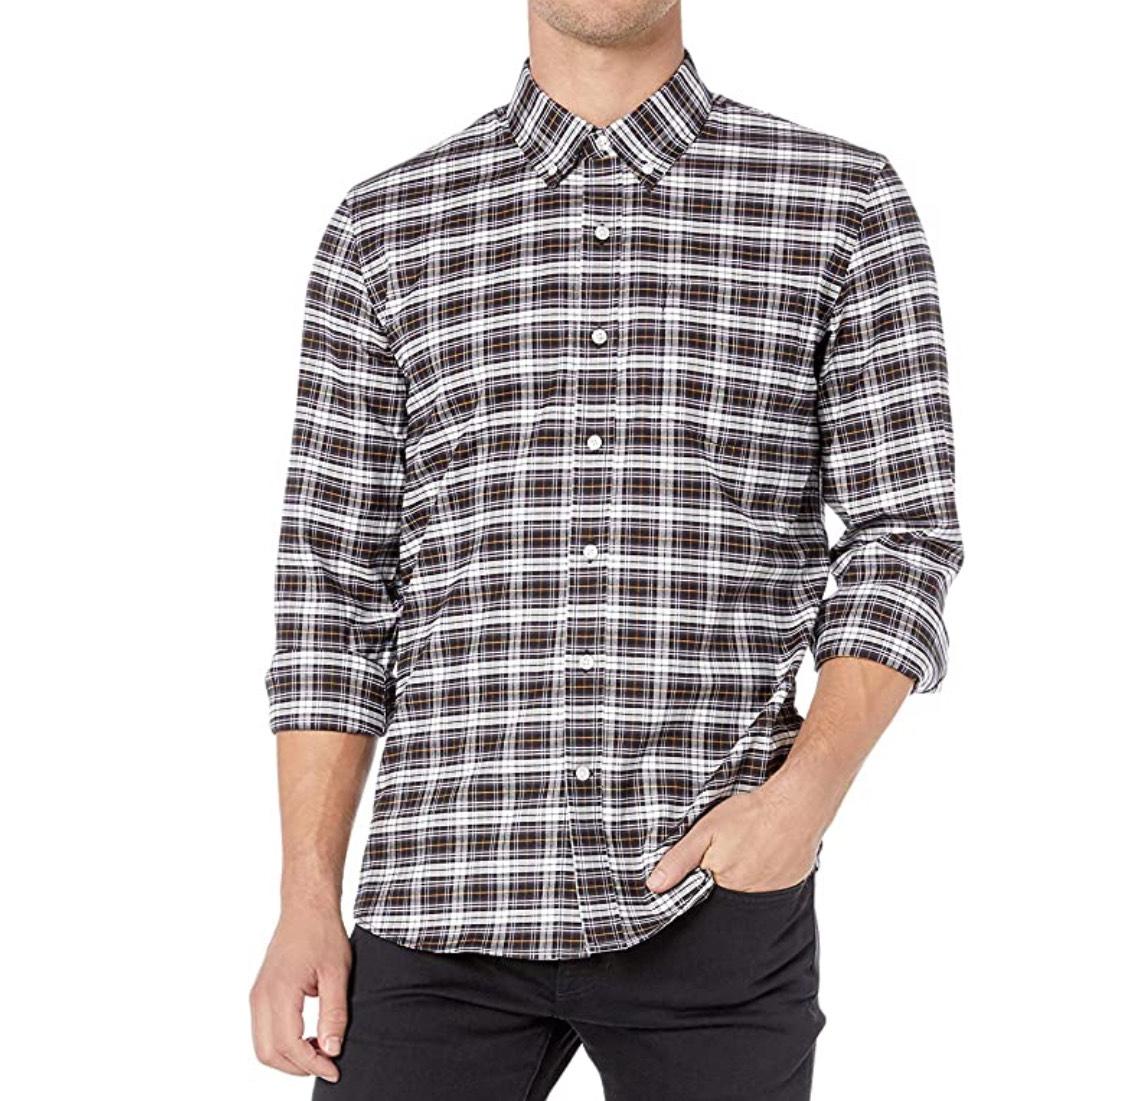 Camisa Oxford elástica hombre talla S (otro modelo azul a 7,25€)